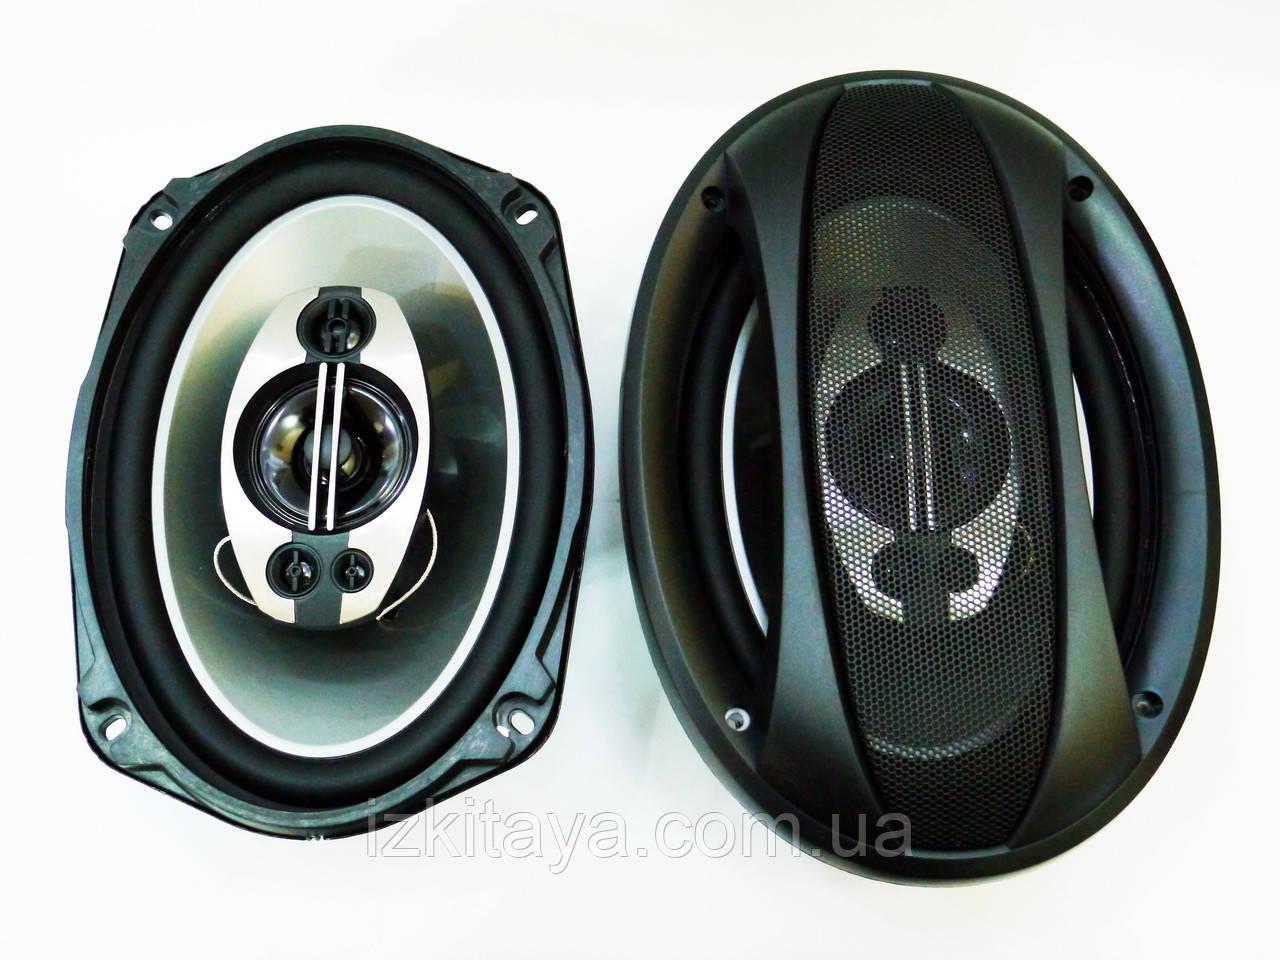 Автомобільні динаміки Pioneer Овали TS-A6993S (460Вт) двосмугові